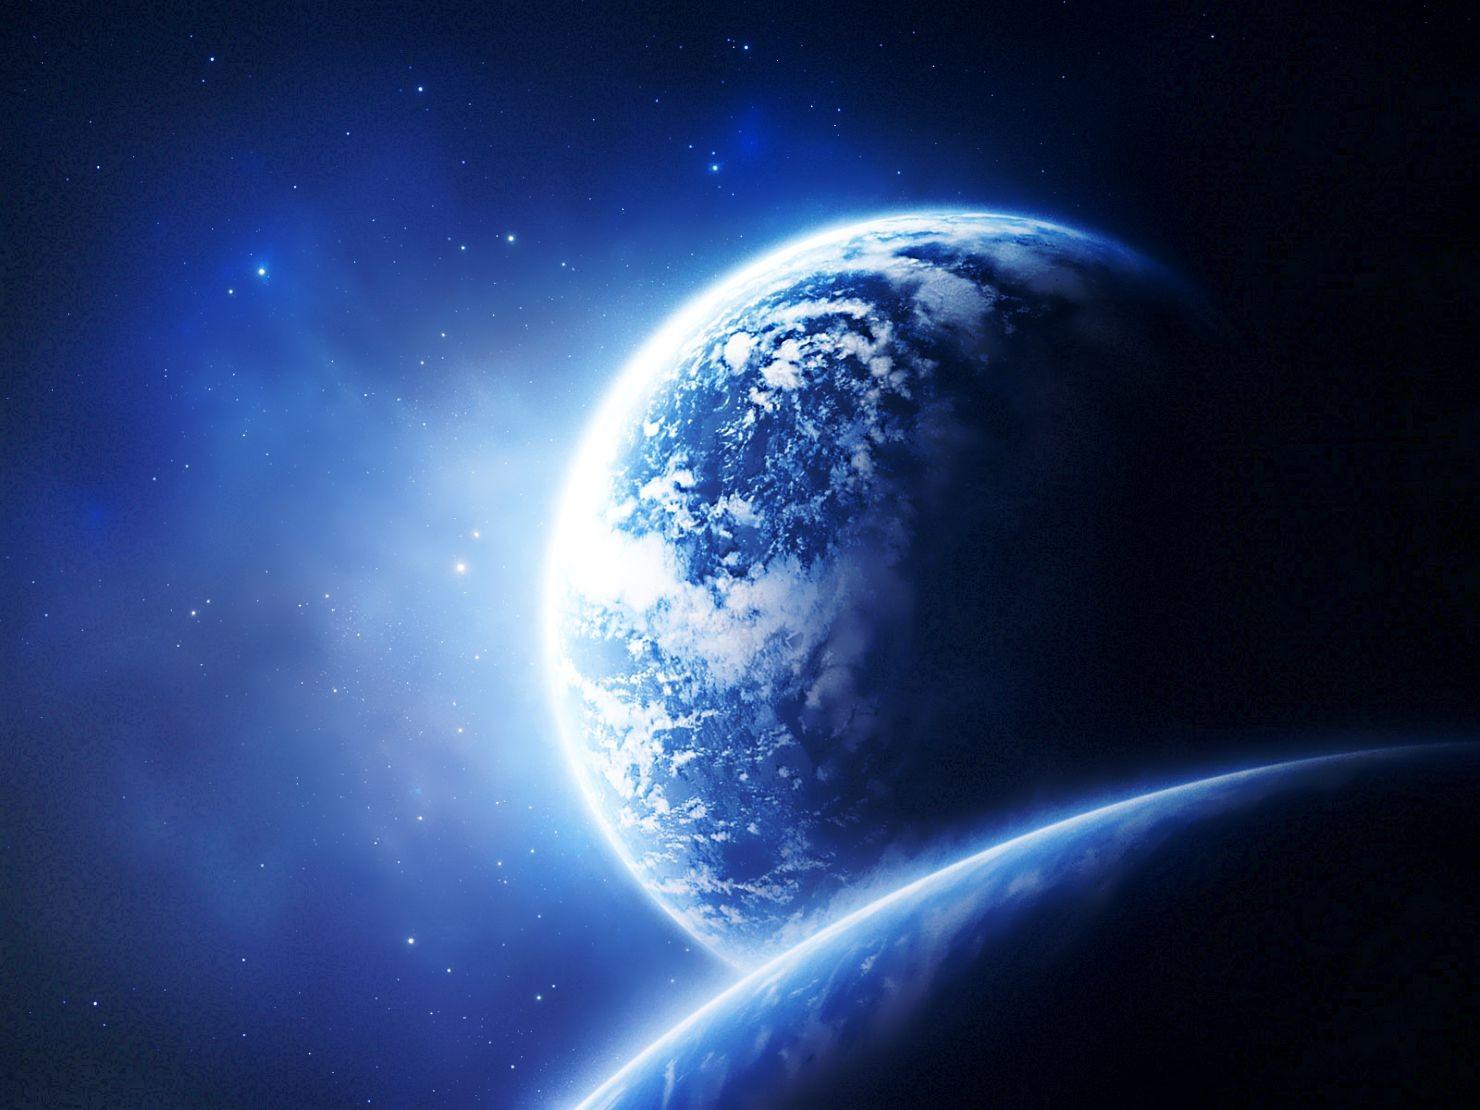 В поисках истоков жизни во Вселенной